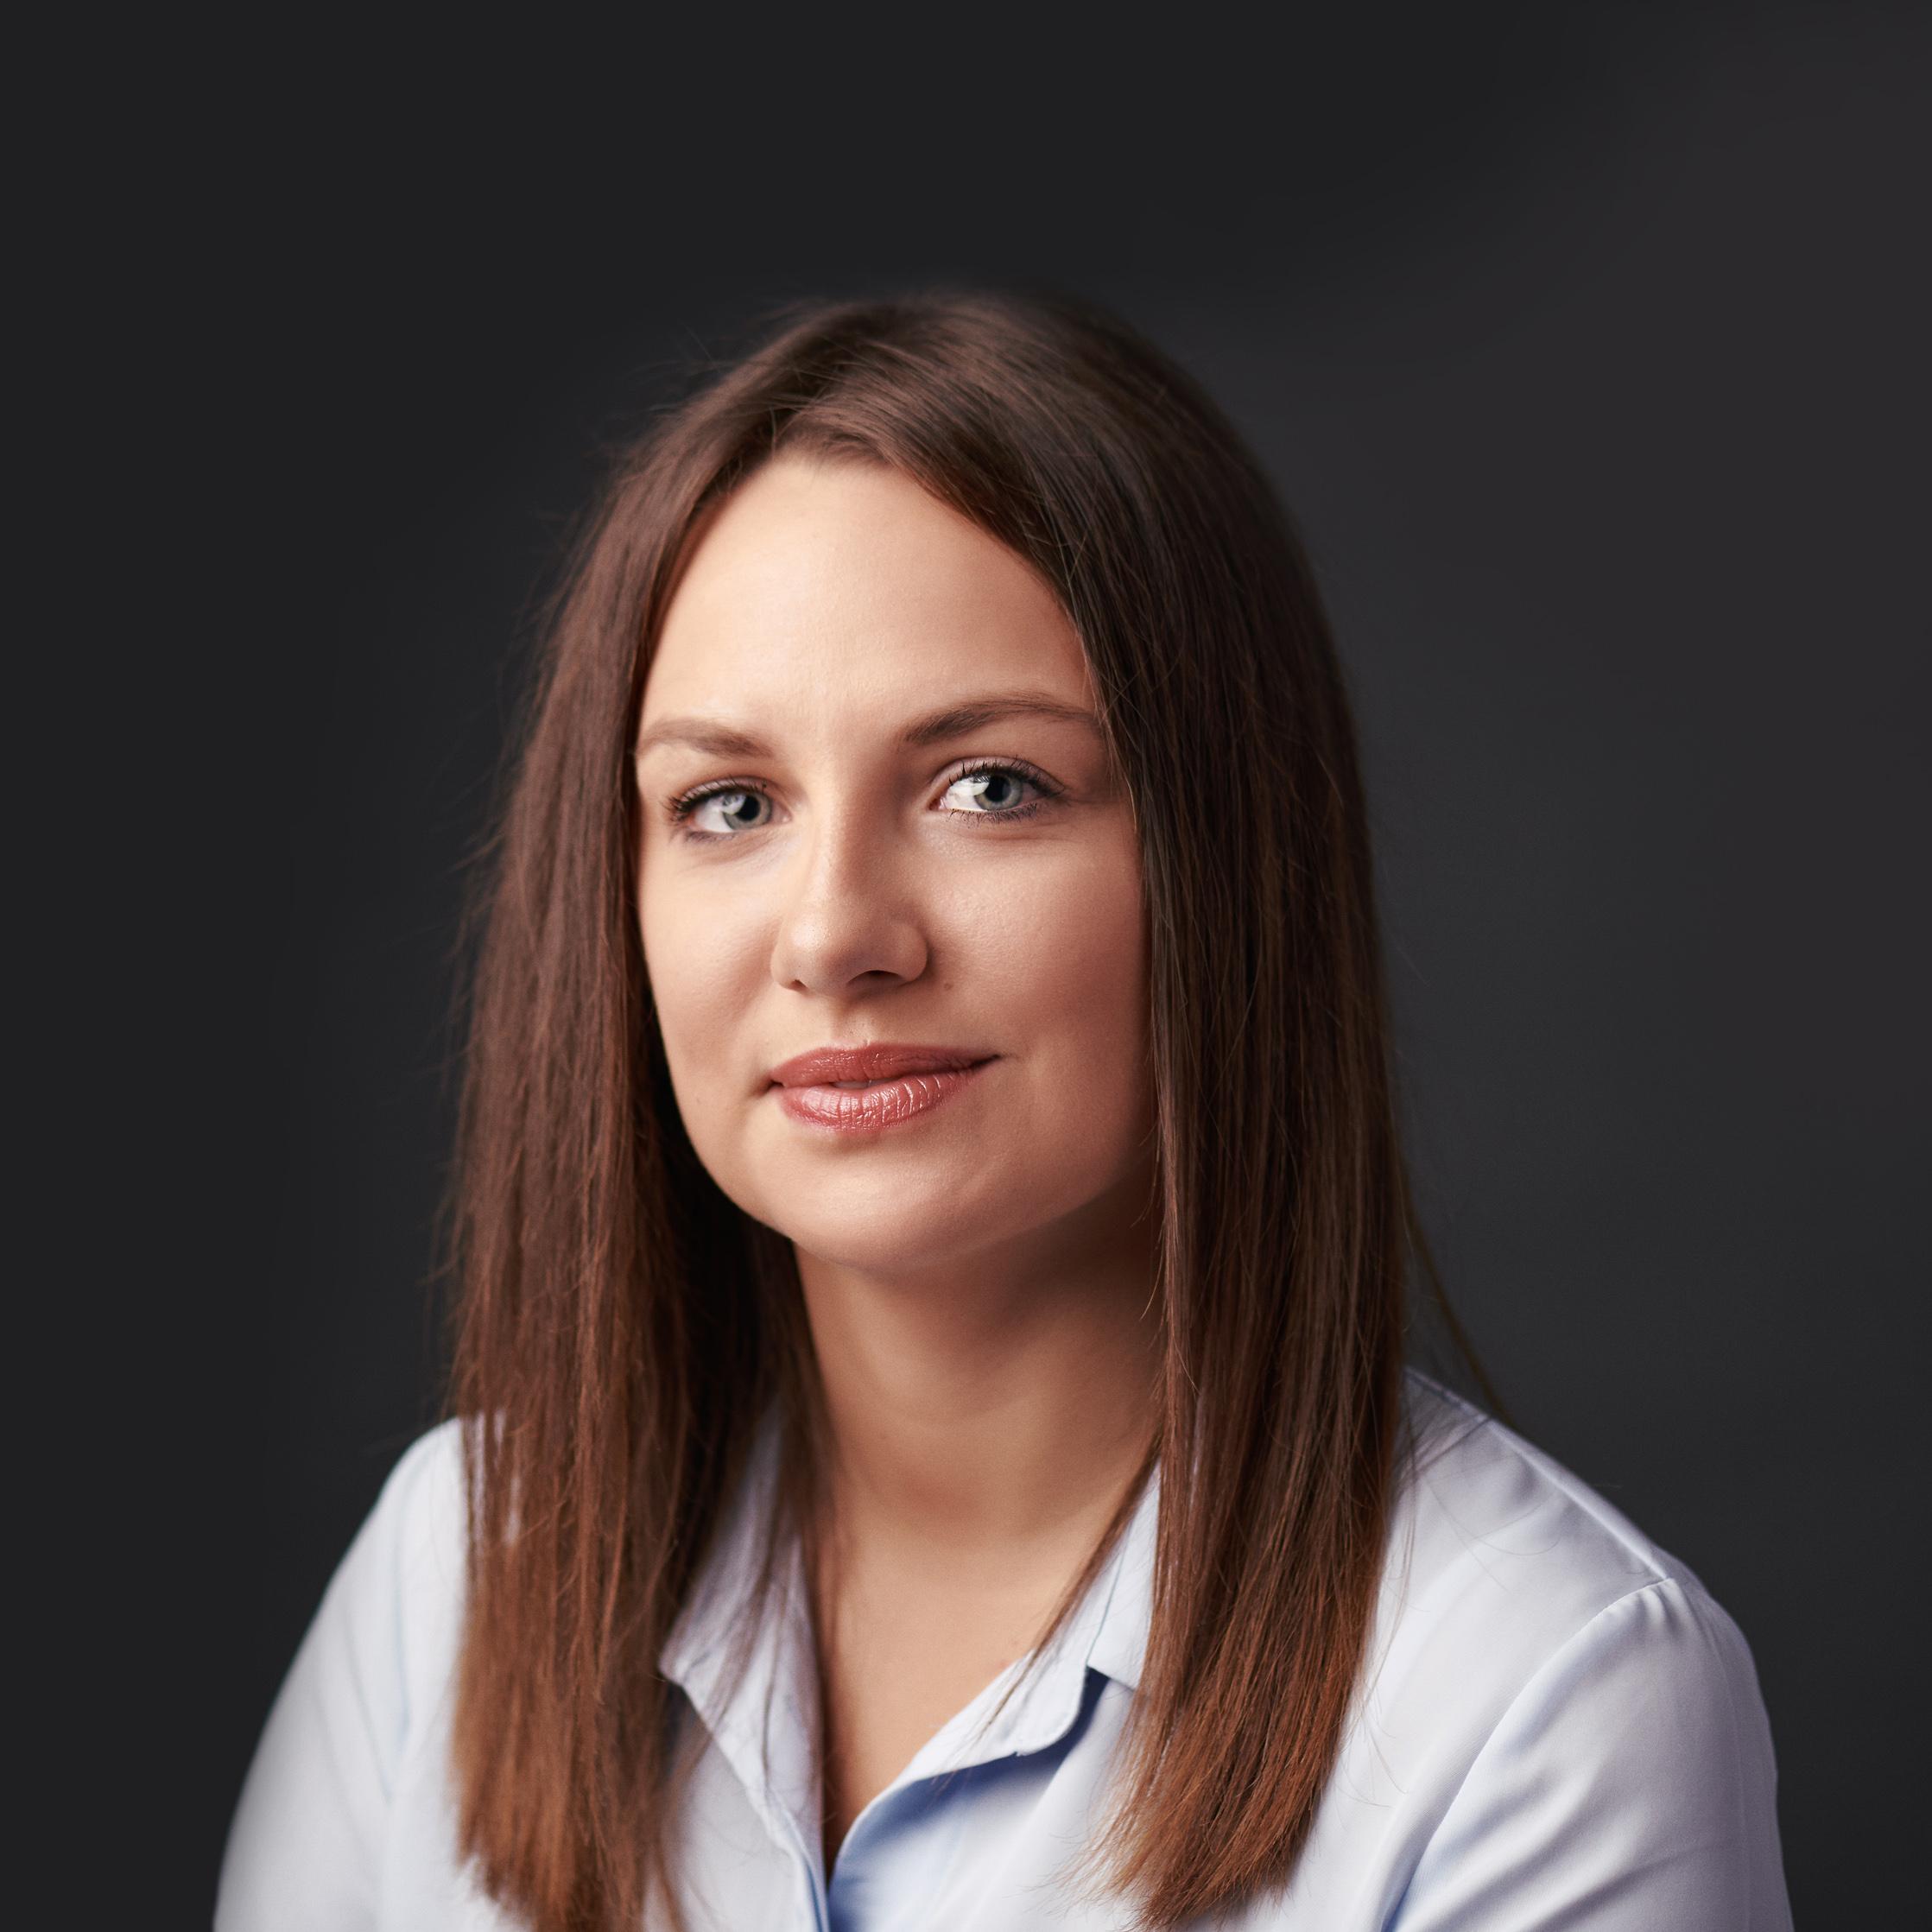 Maja Bosanac – Održivost i etika života i poslovanja